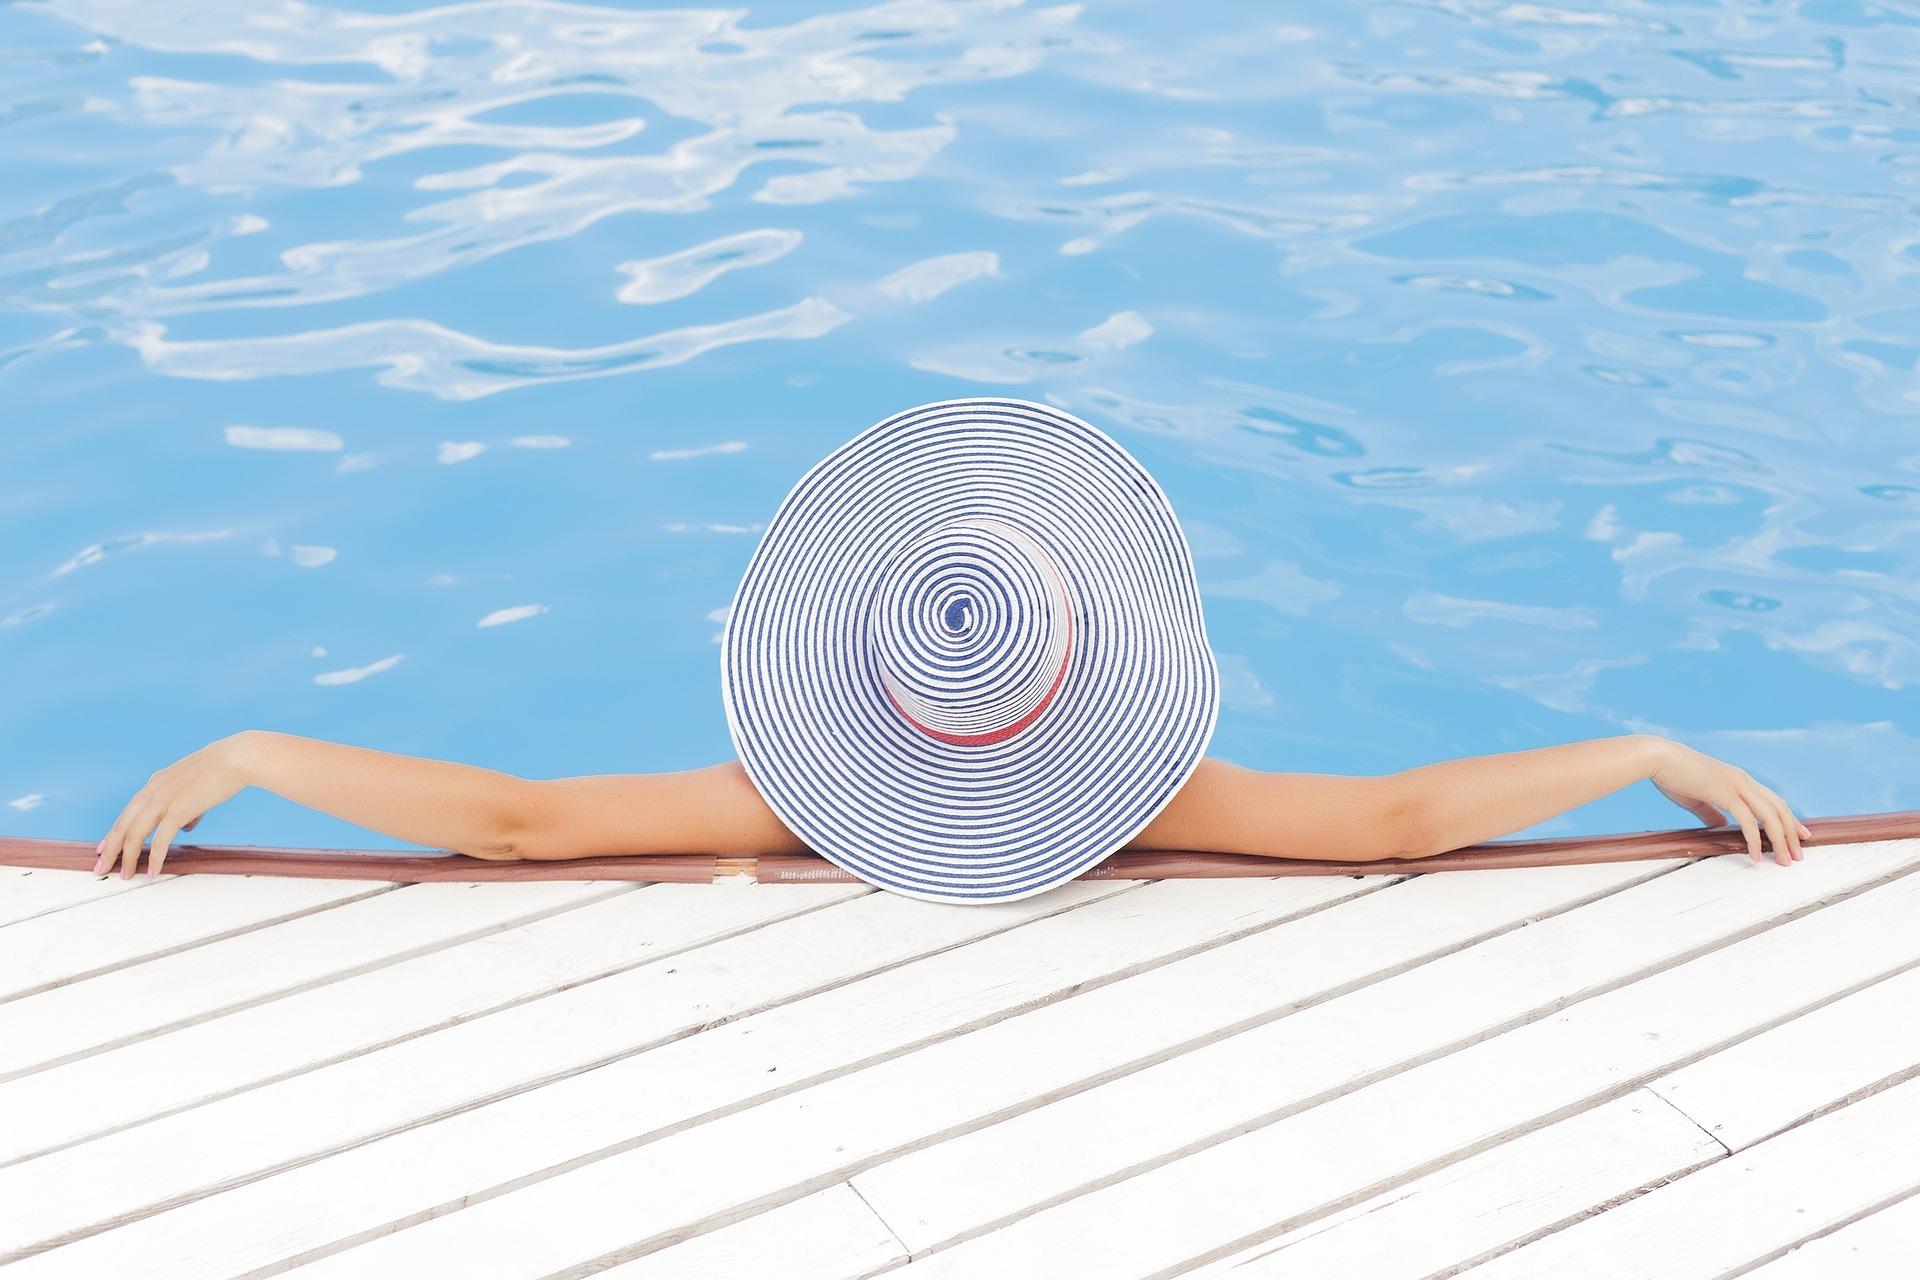 Legit.Health se une a DKV para prevenir el auge del cáncer de piel en las playas españolas con inteligencia artificial.